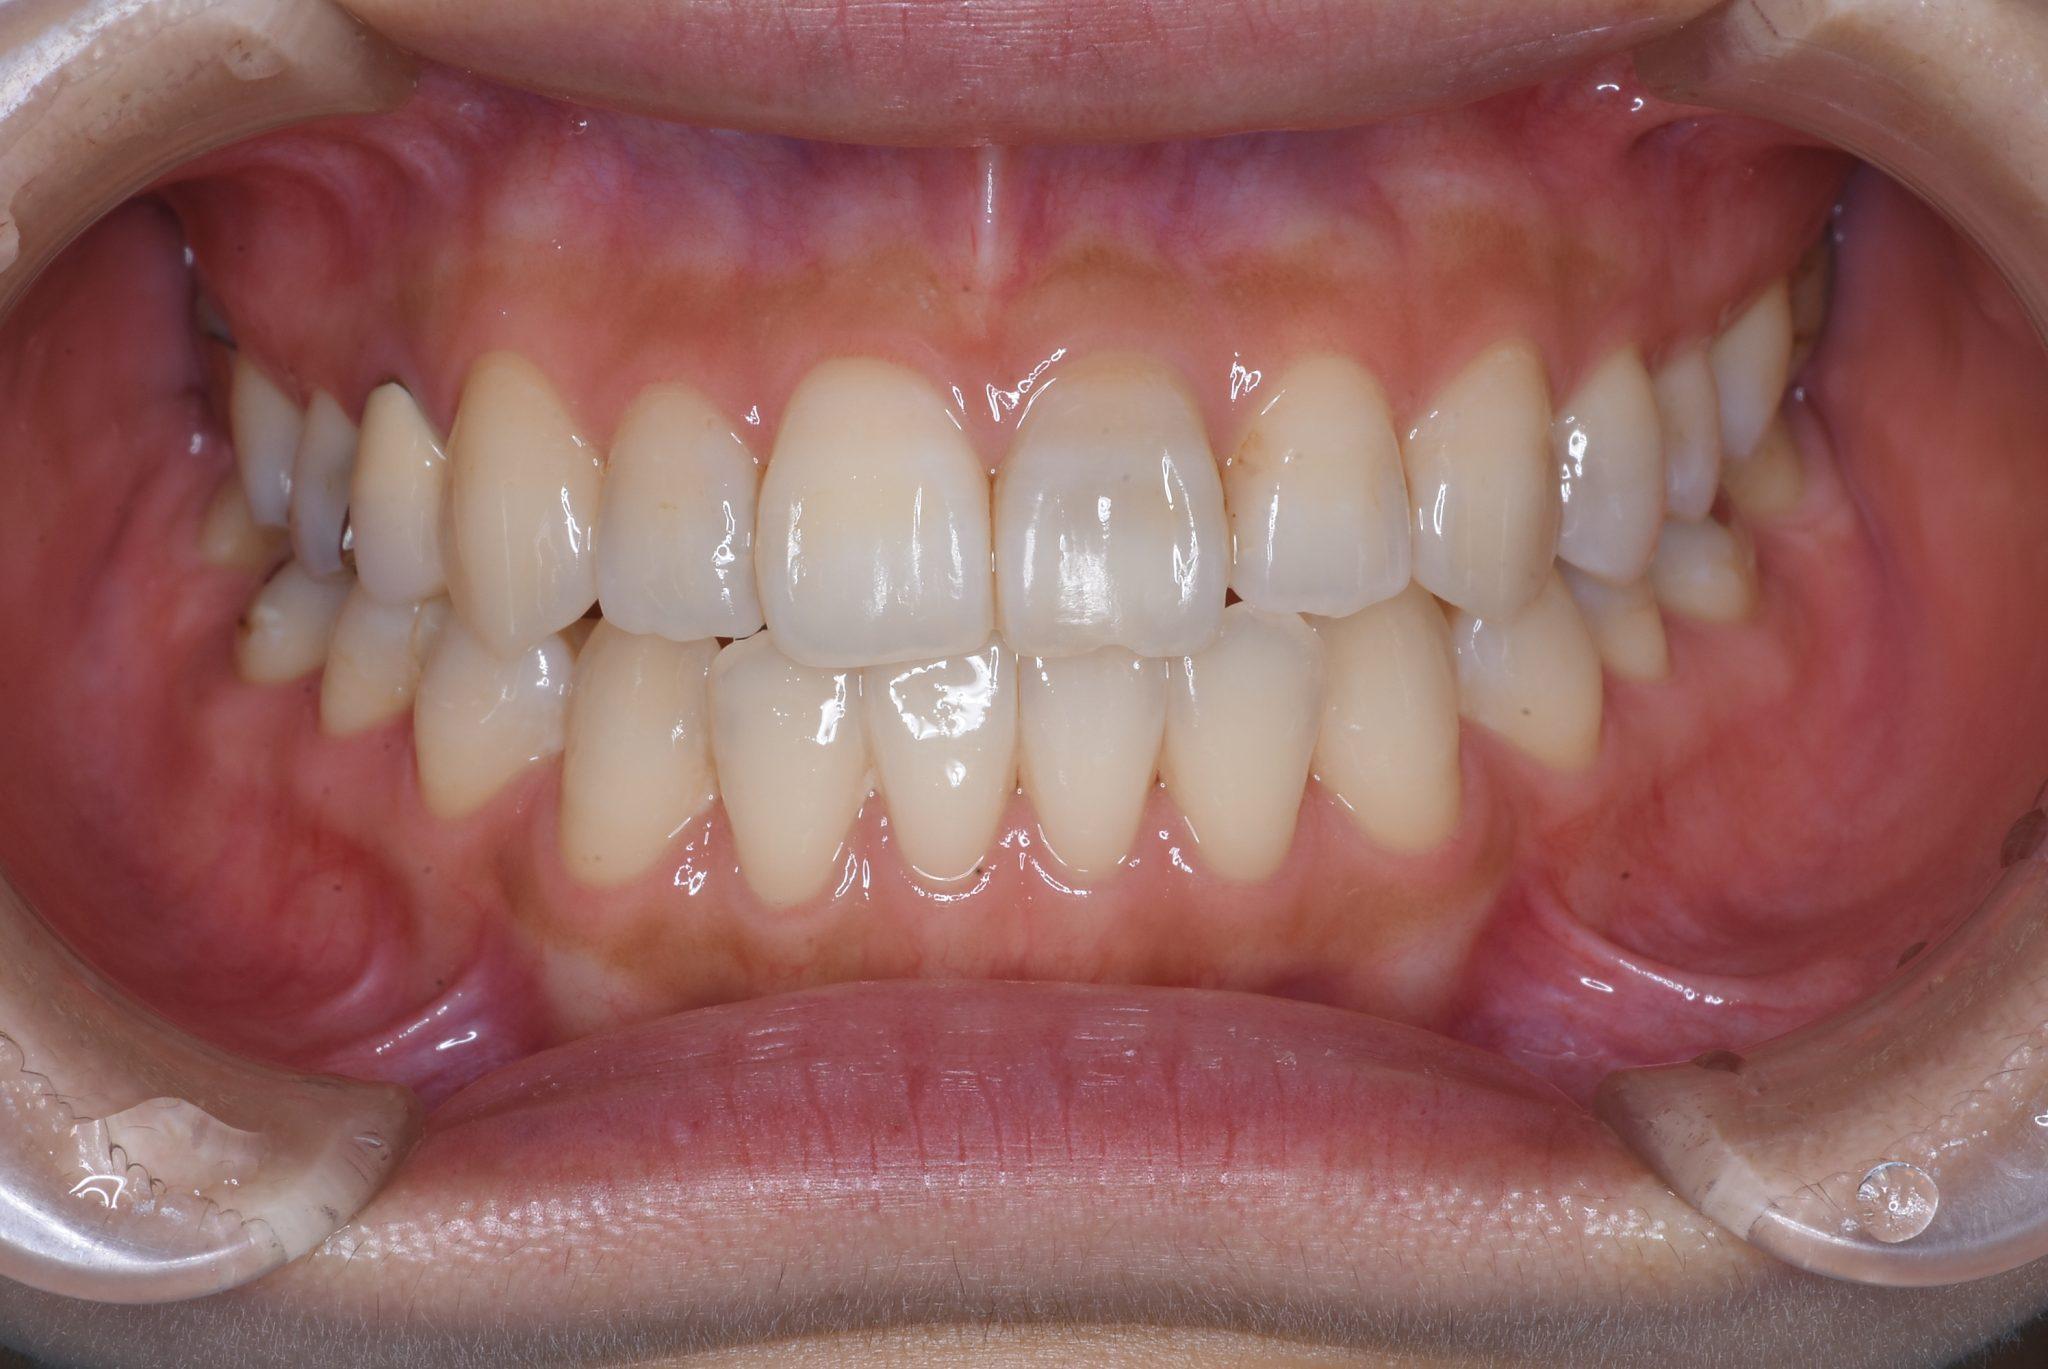 前歯部変色症例 福岡市南区老司の歯医者なら「ひろた哲哉歯科」